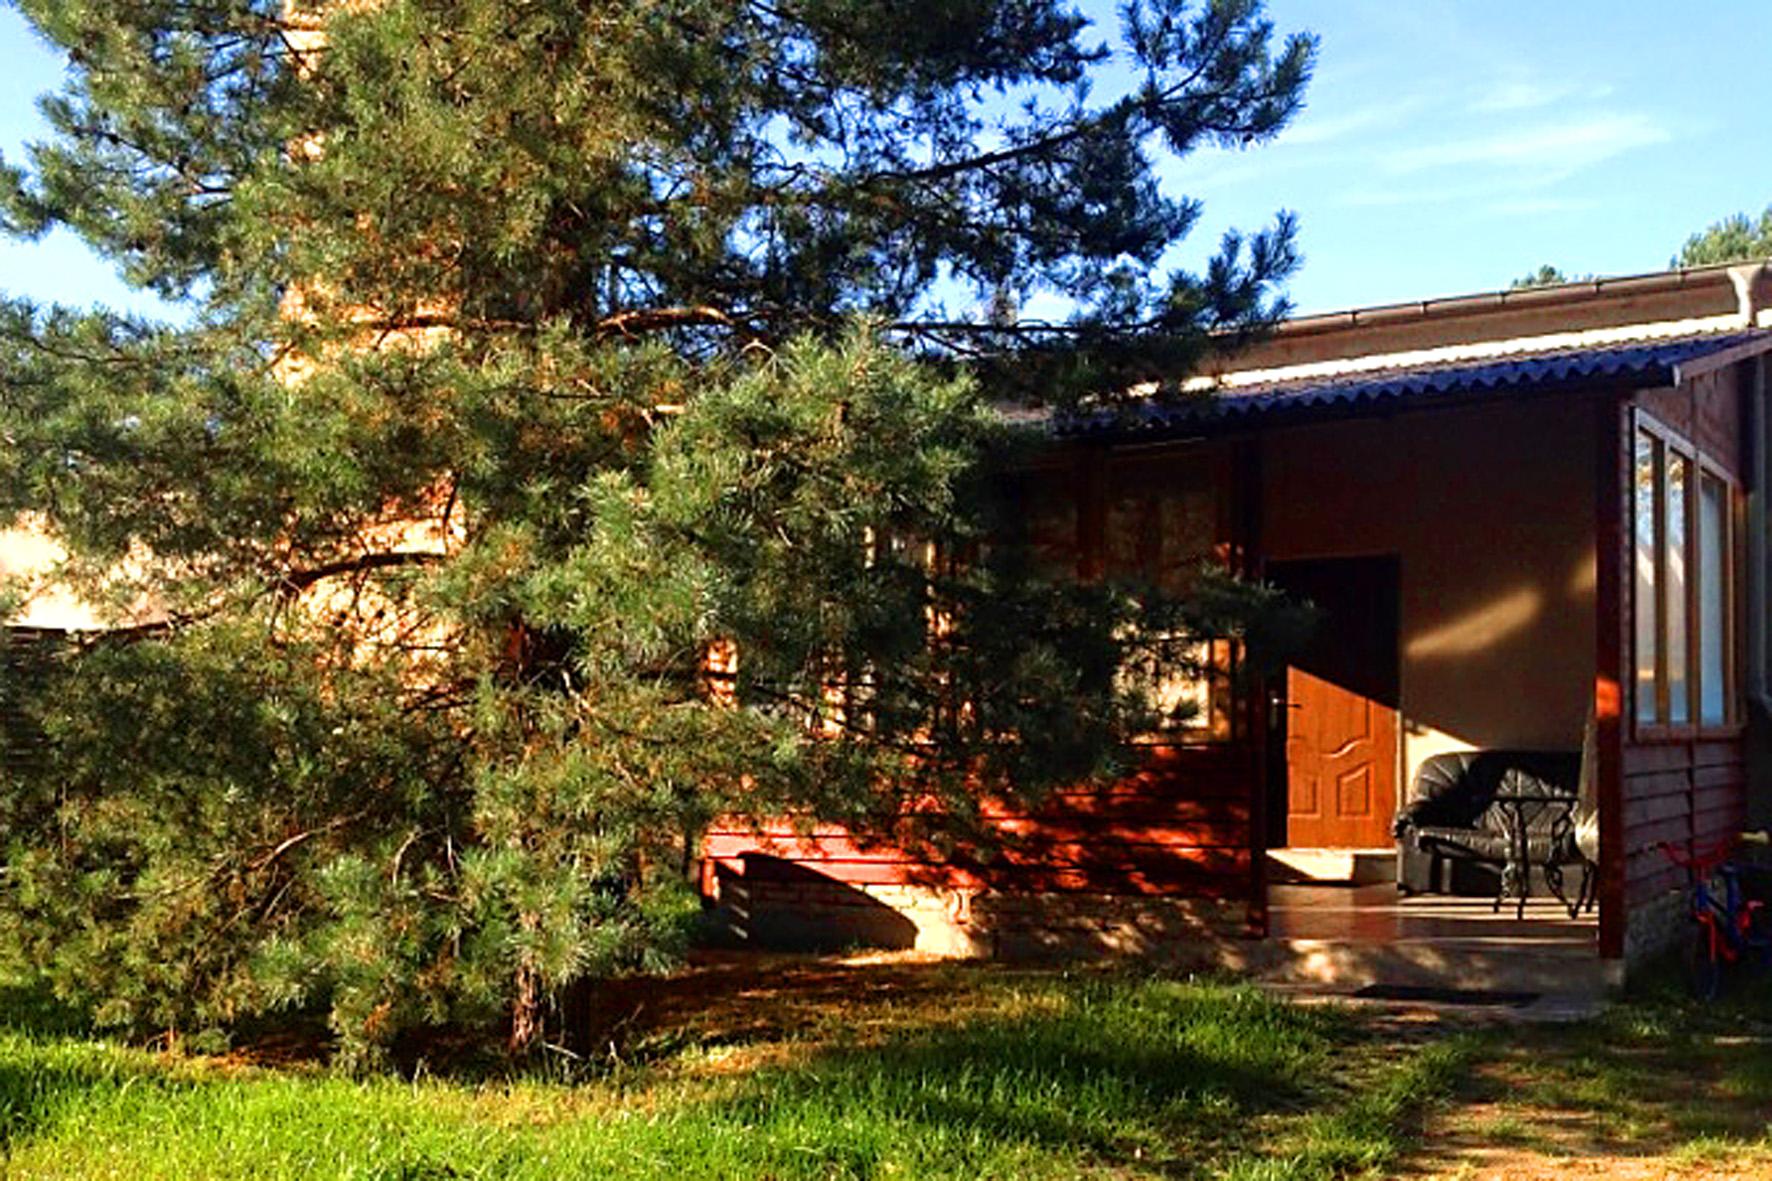 Banja in Ludwigsfelde